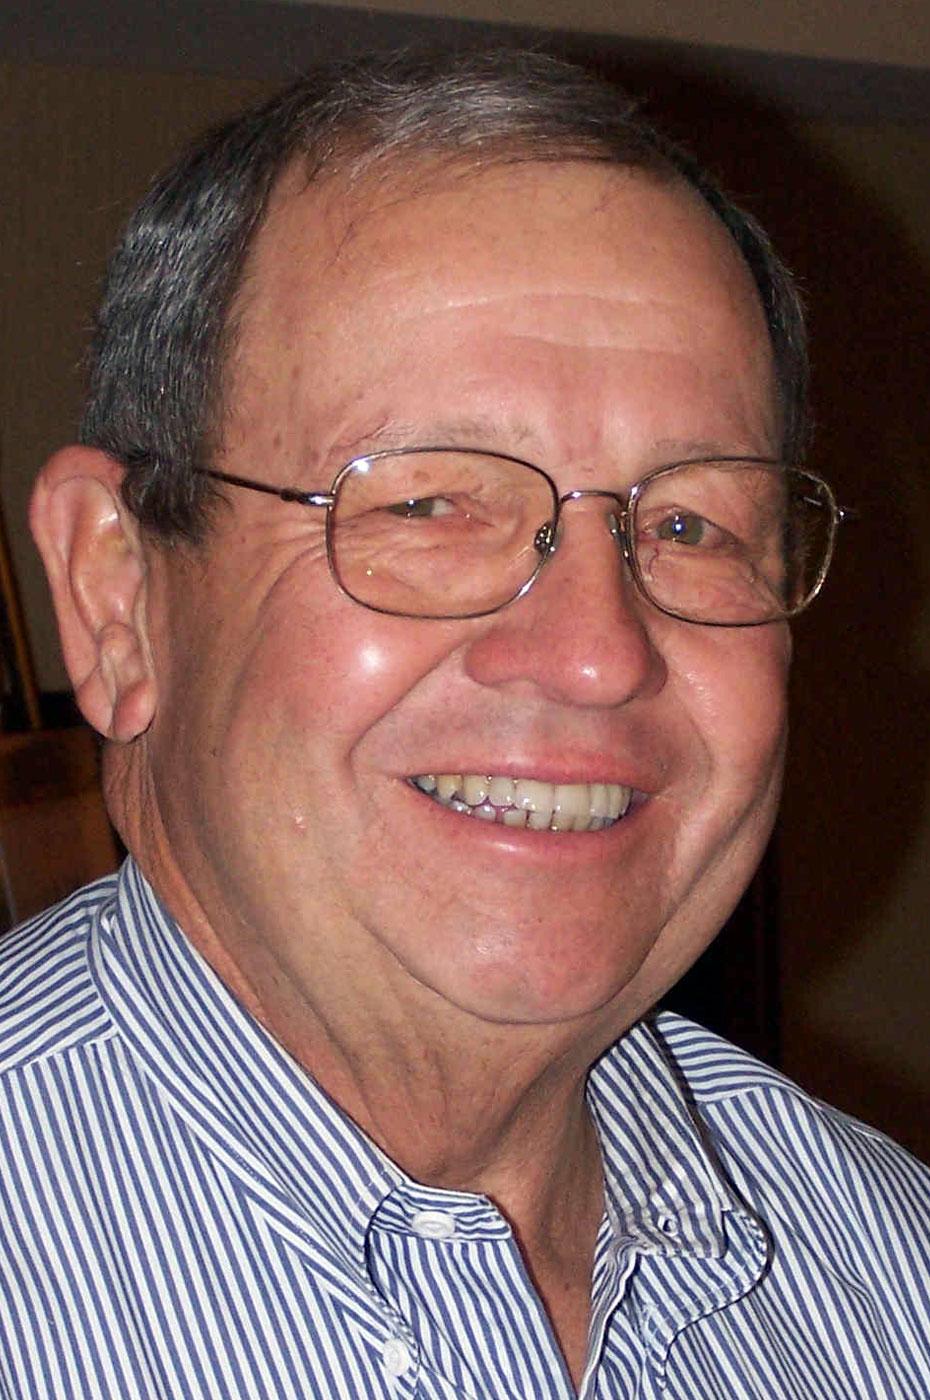 Leland S. Brake